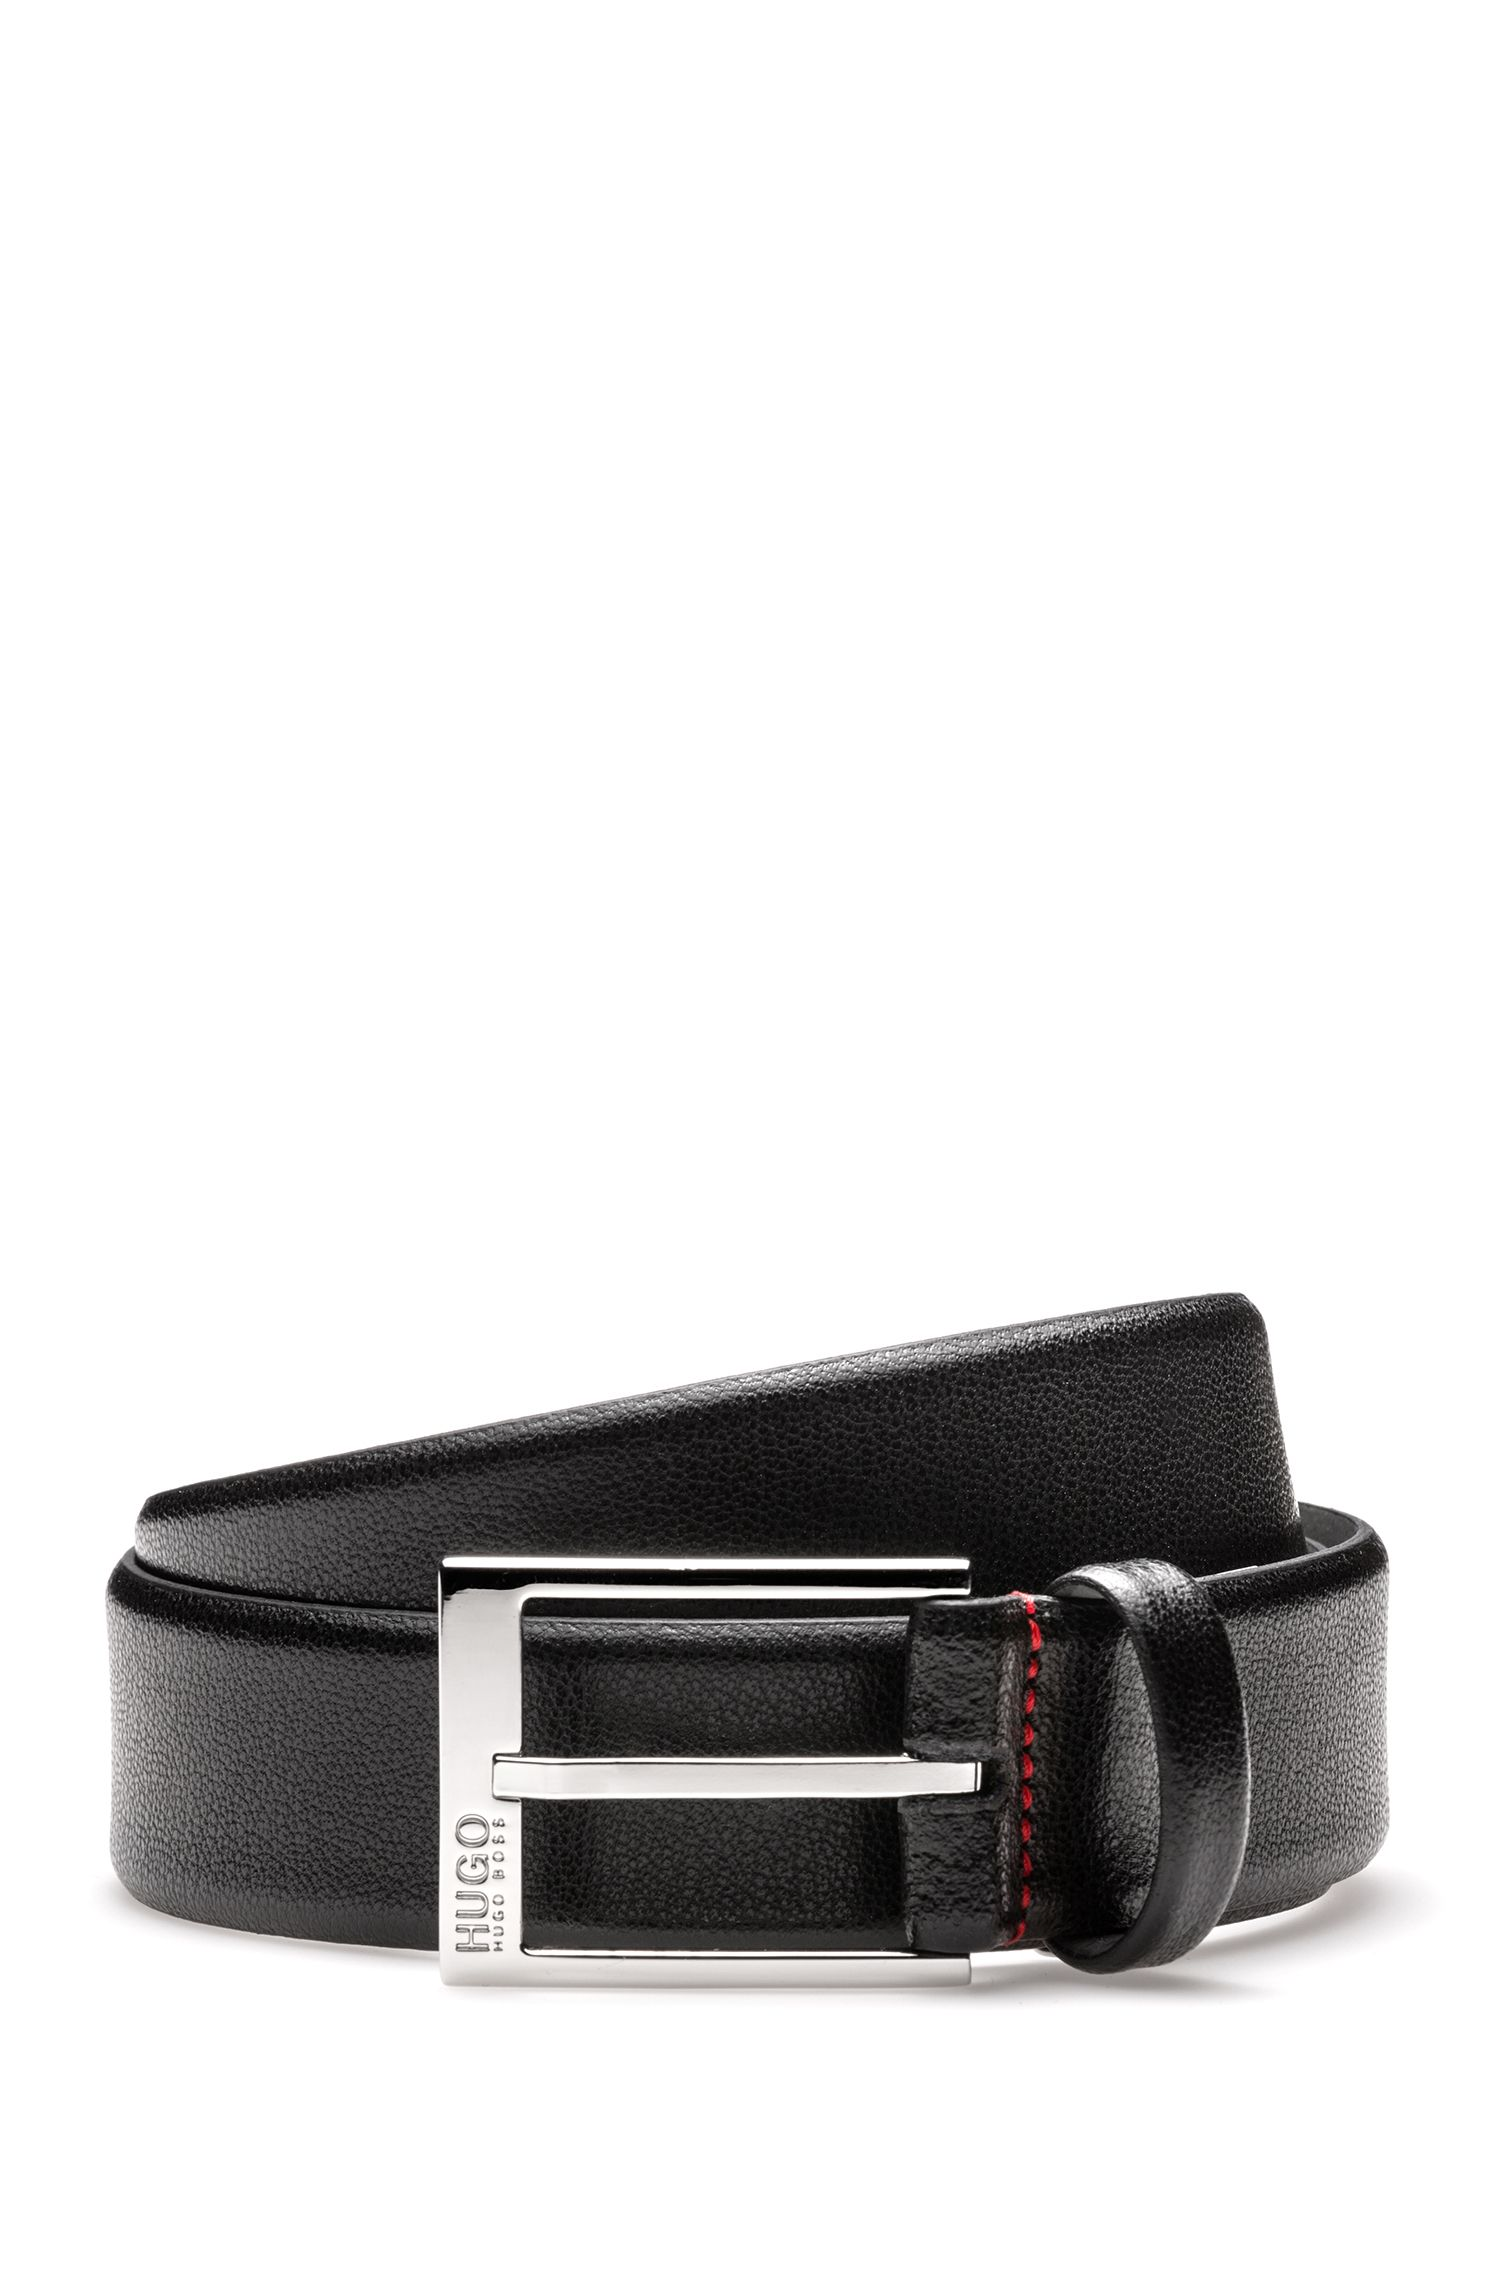 Geprägter Ledergürtel mit glänzend polierten Metall-Details